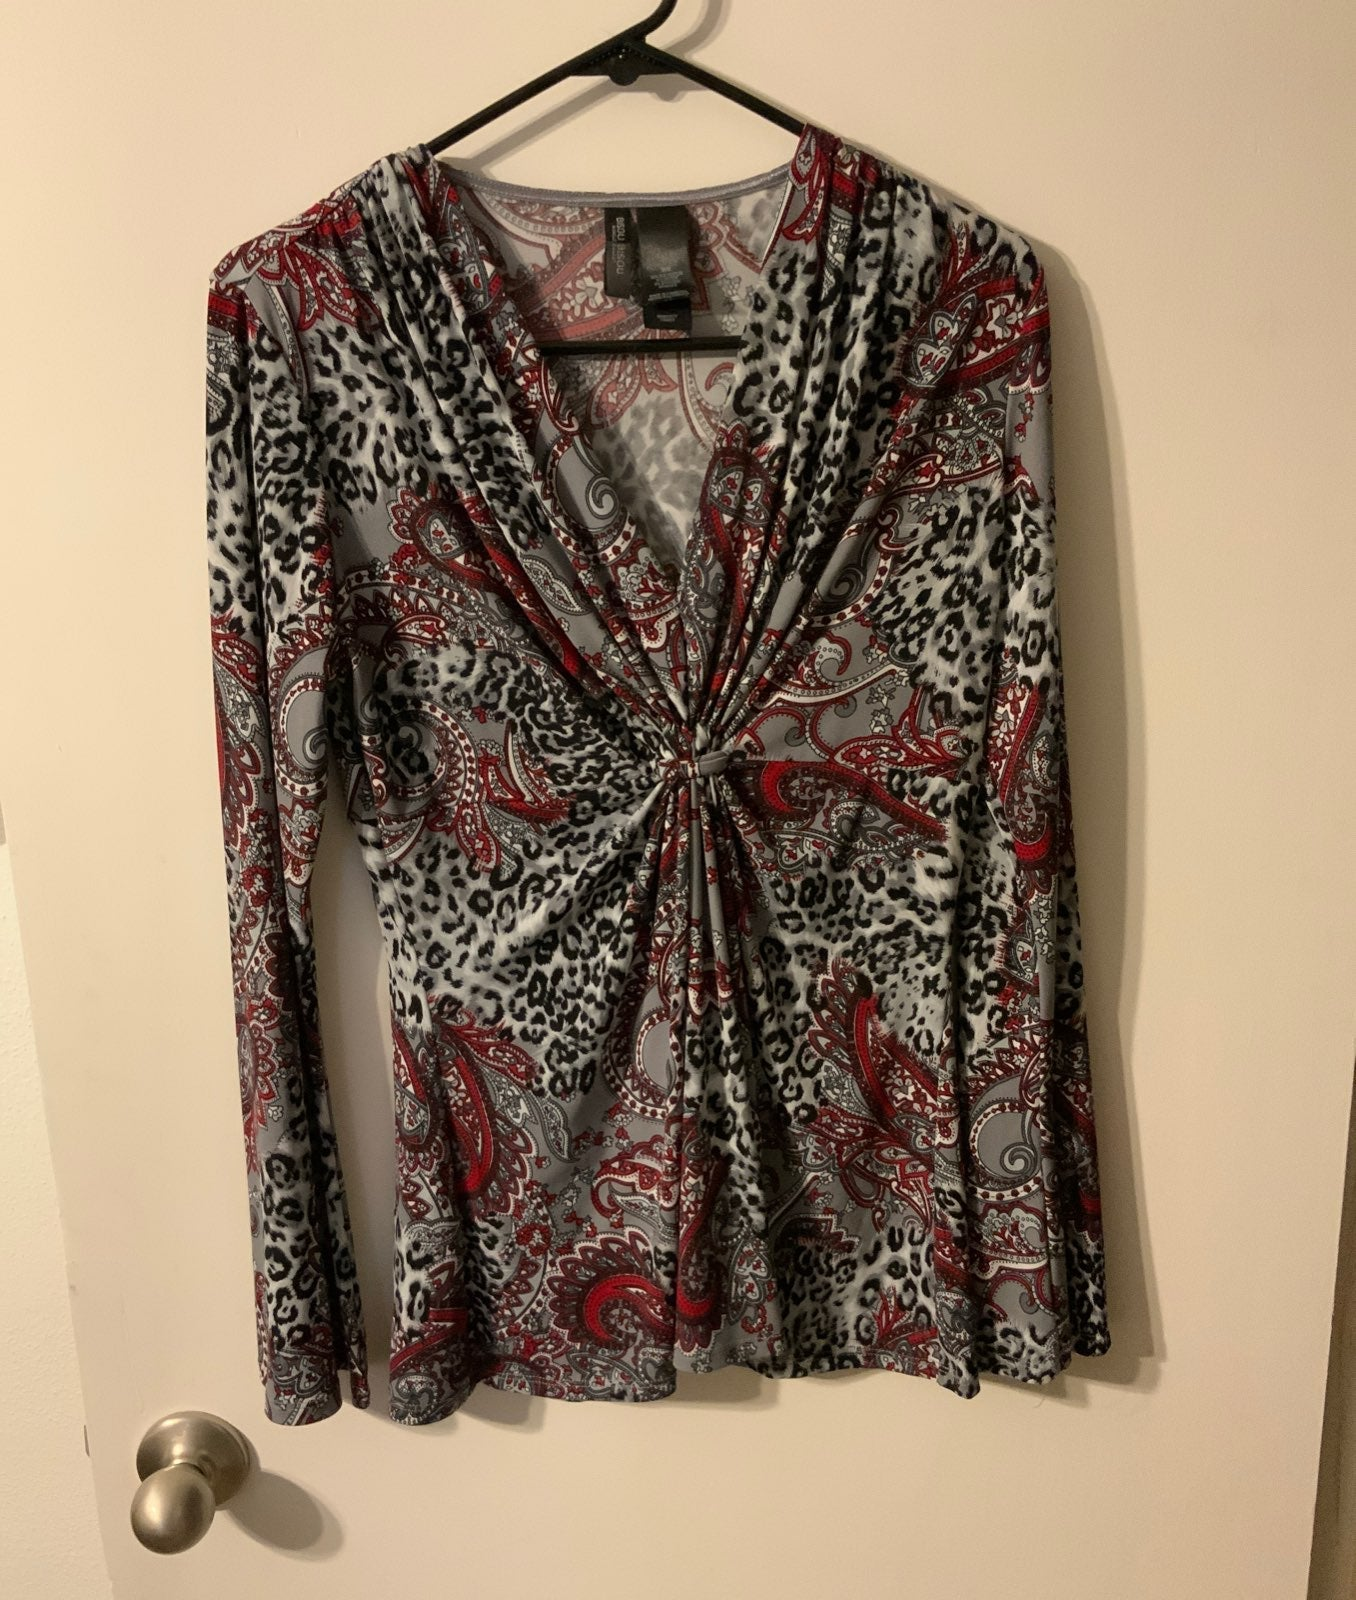 blouses for women